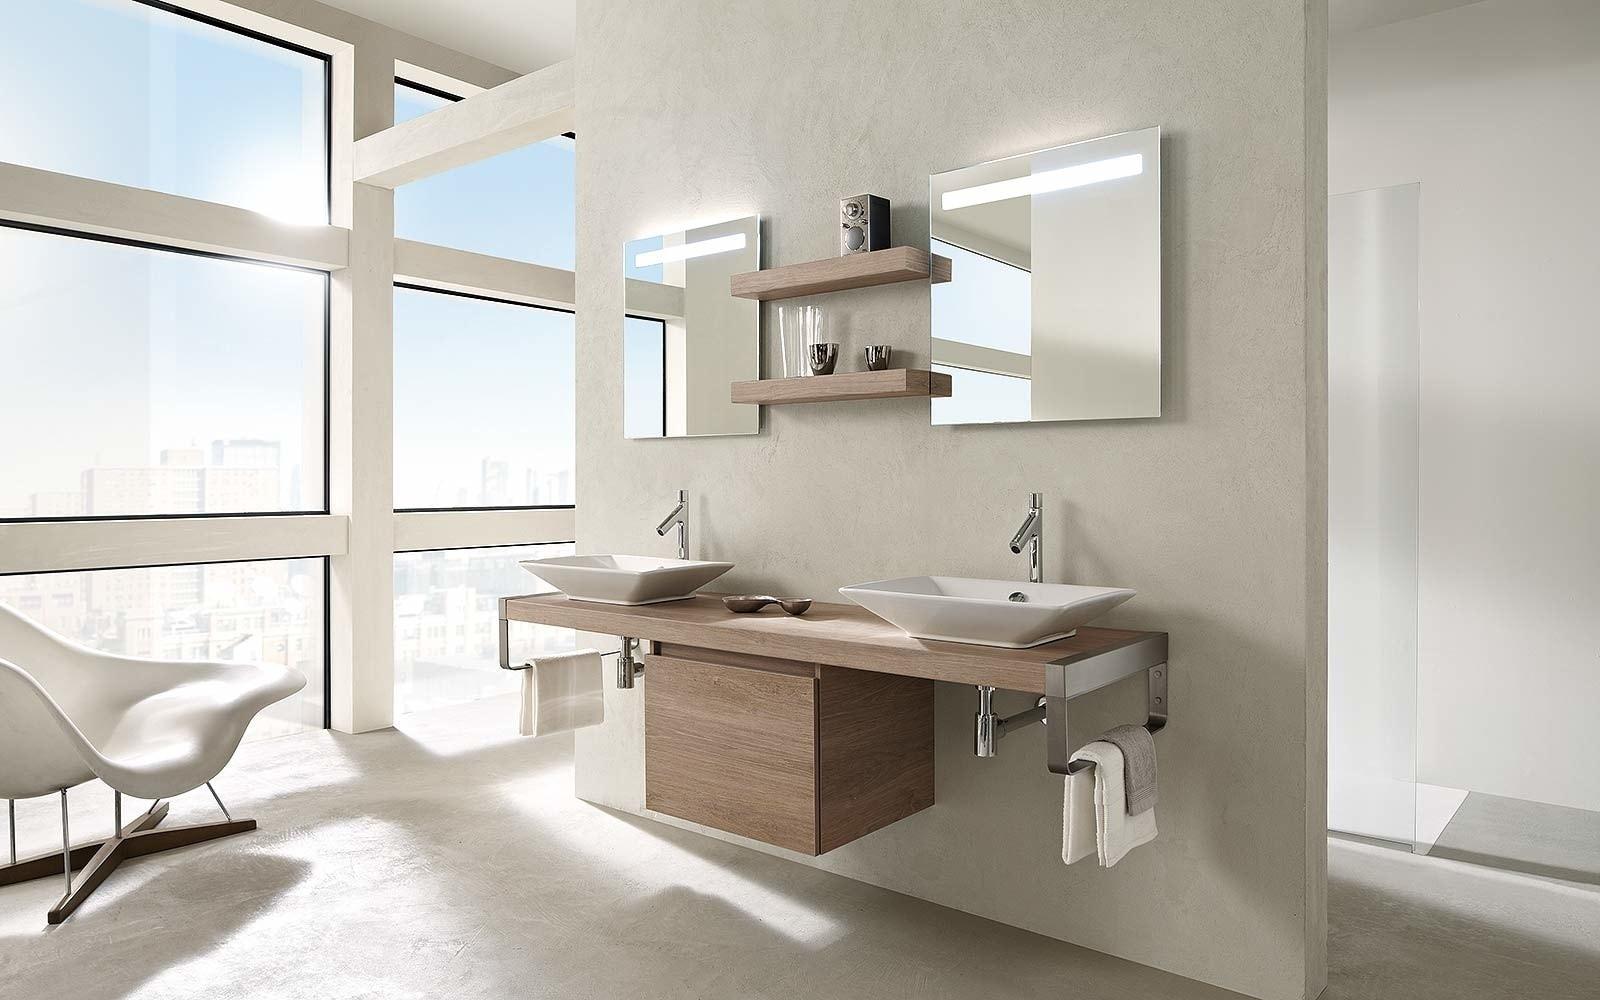 Salle de bain bois et lin